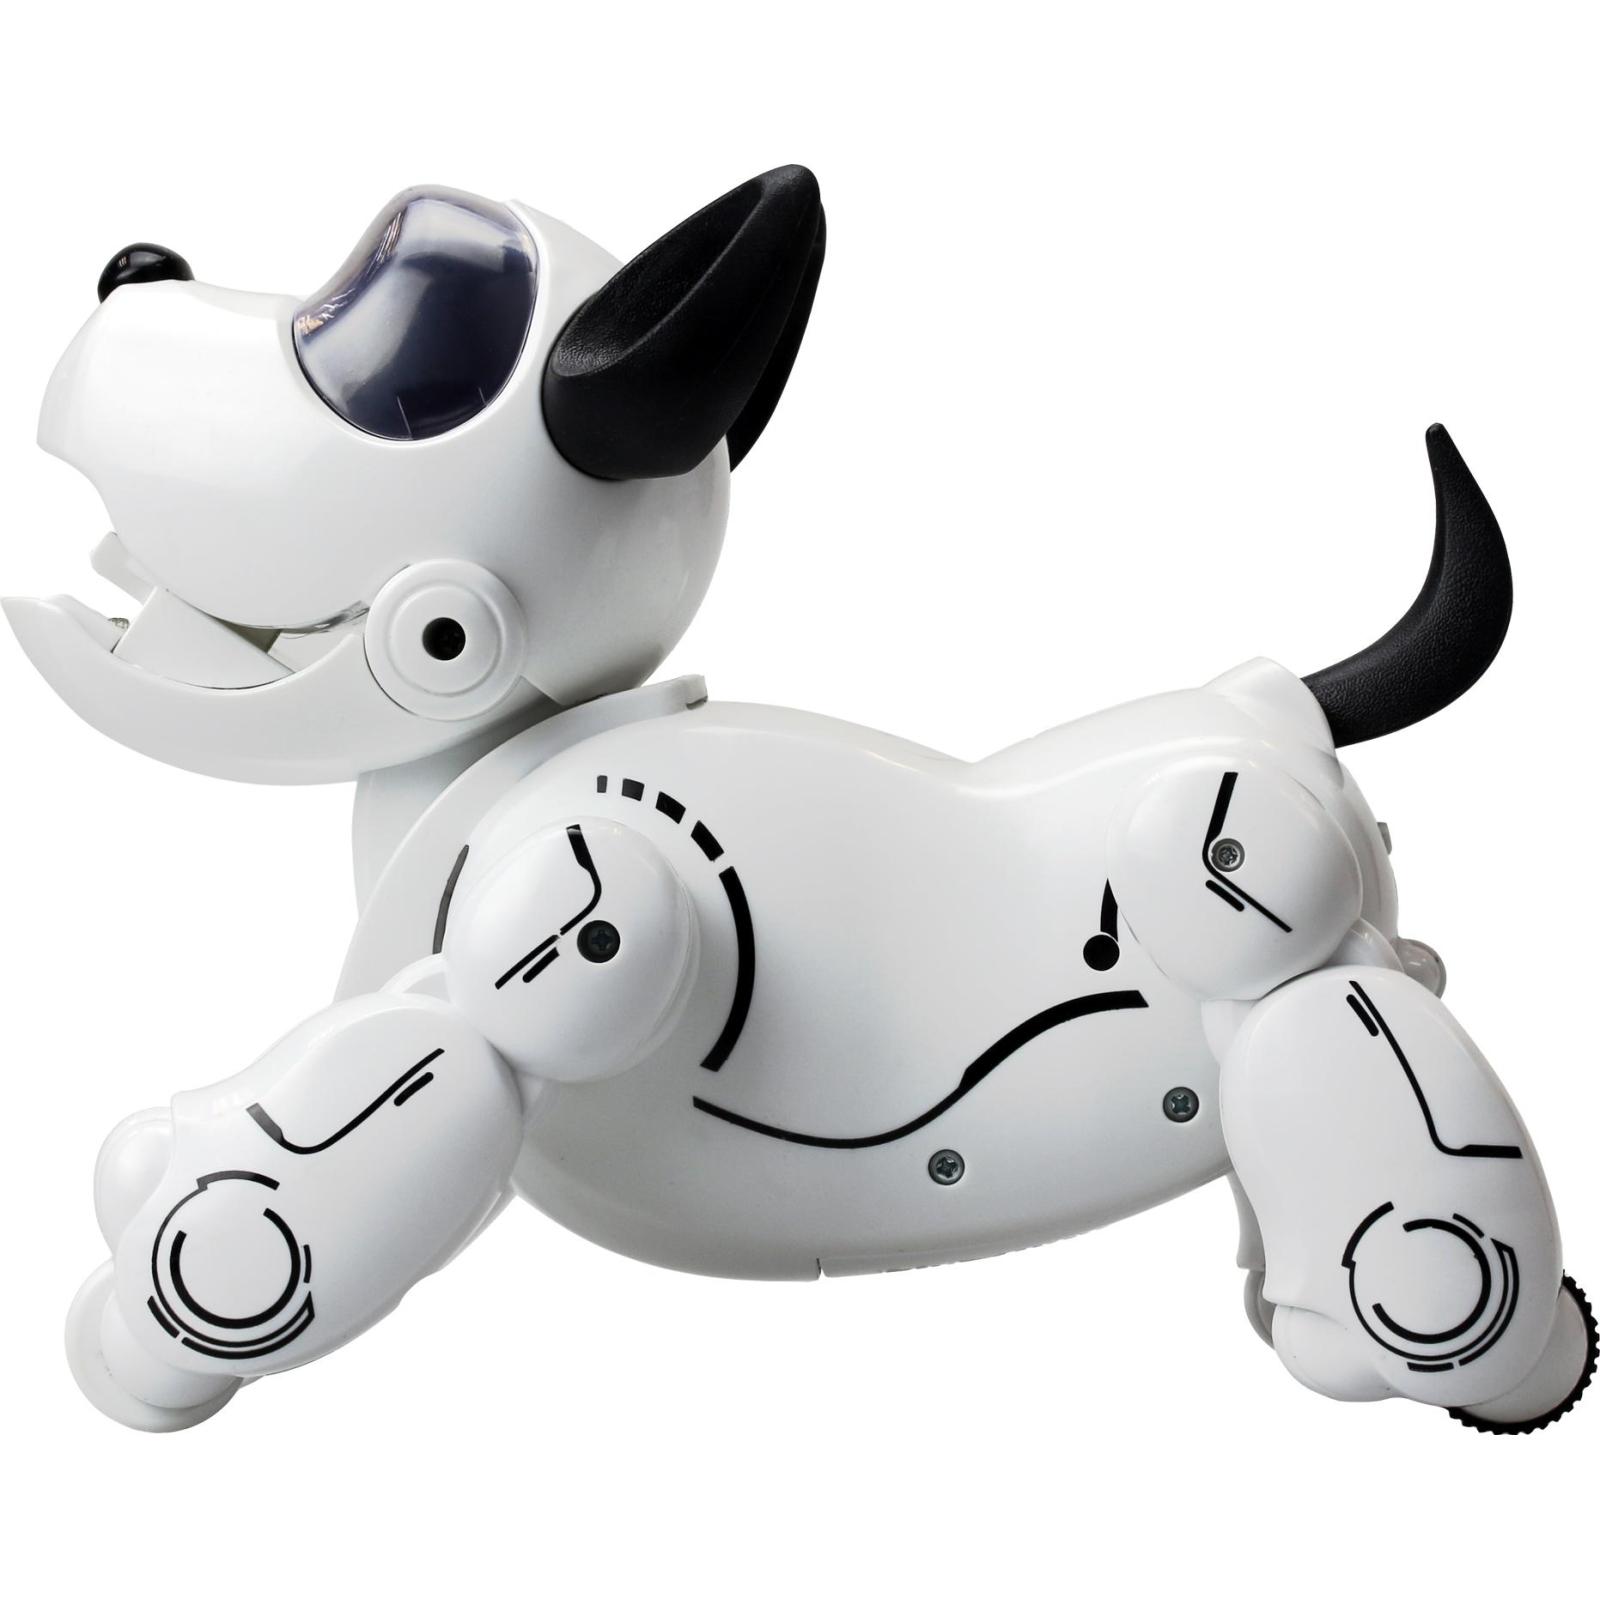 Интерактивная игрушка Silverlit собака-робот PUPBO (88520) изображение 2